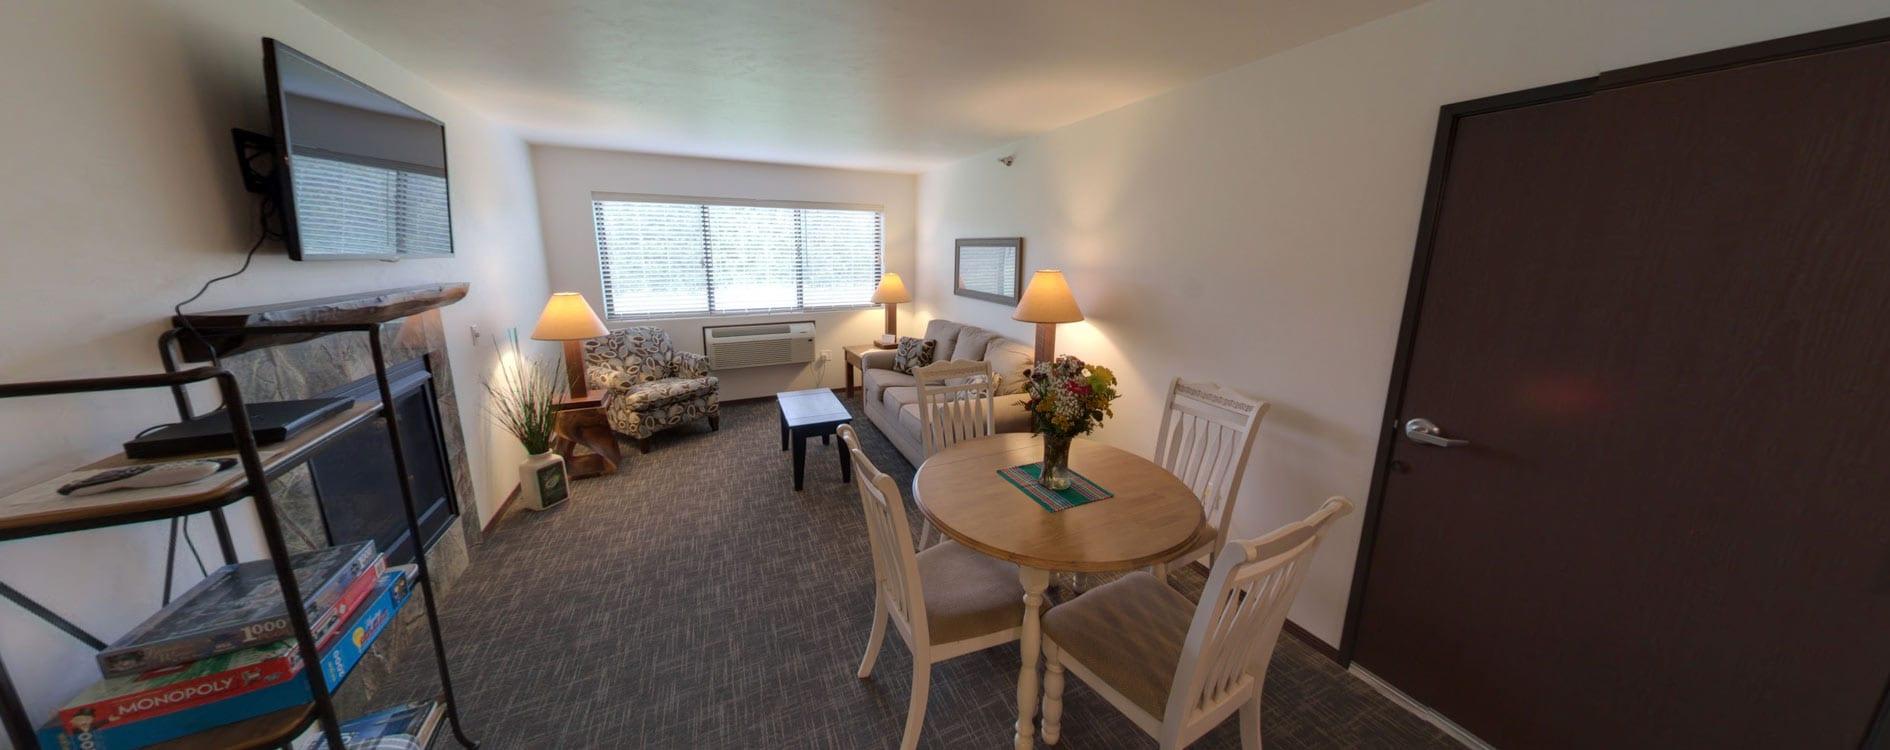 Open Hearth Lodge 1 Bedroom Suite